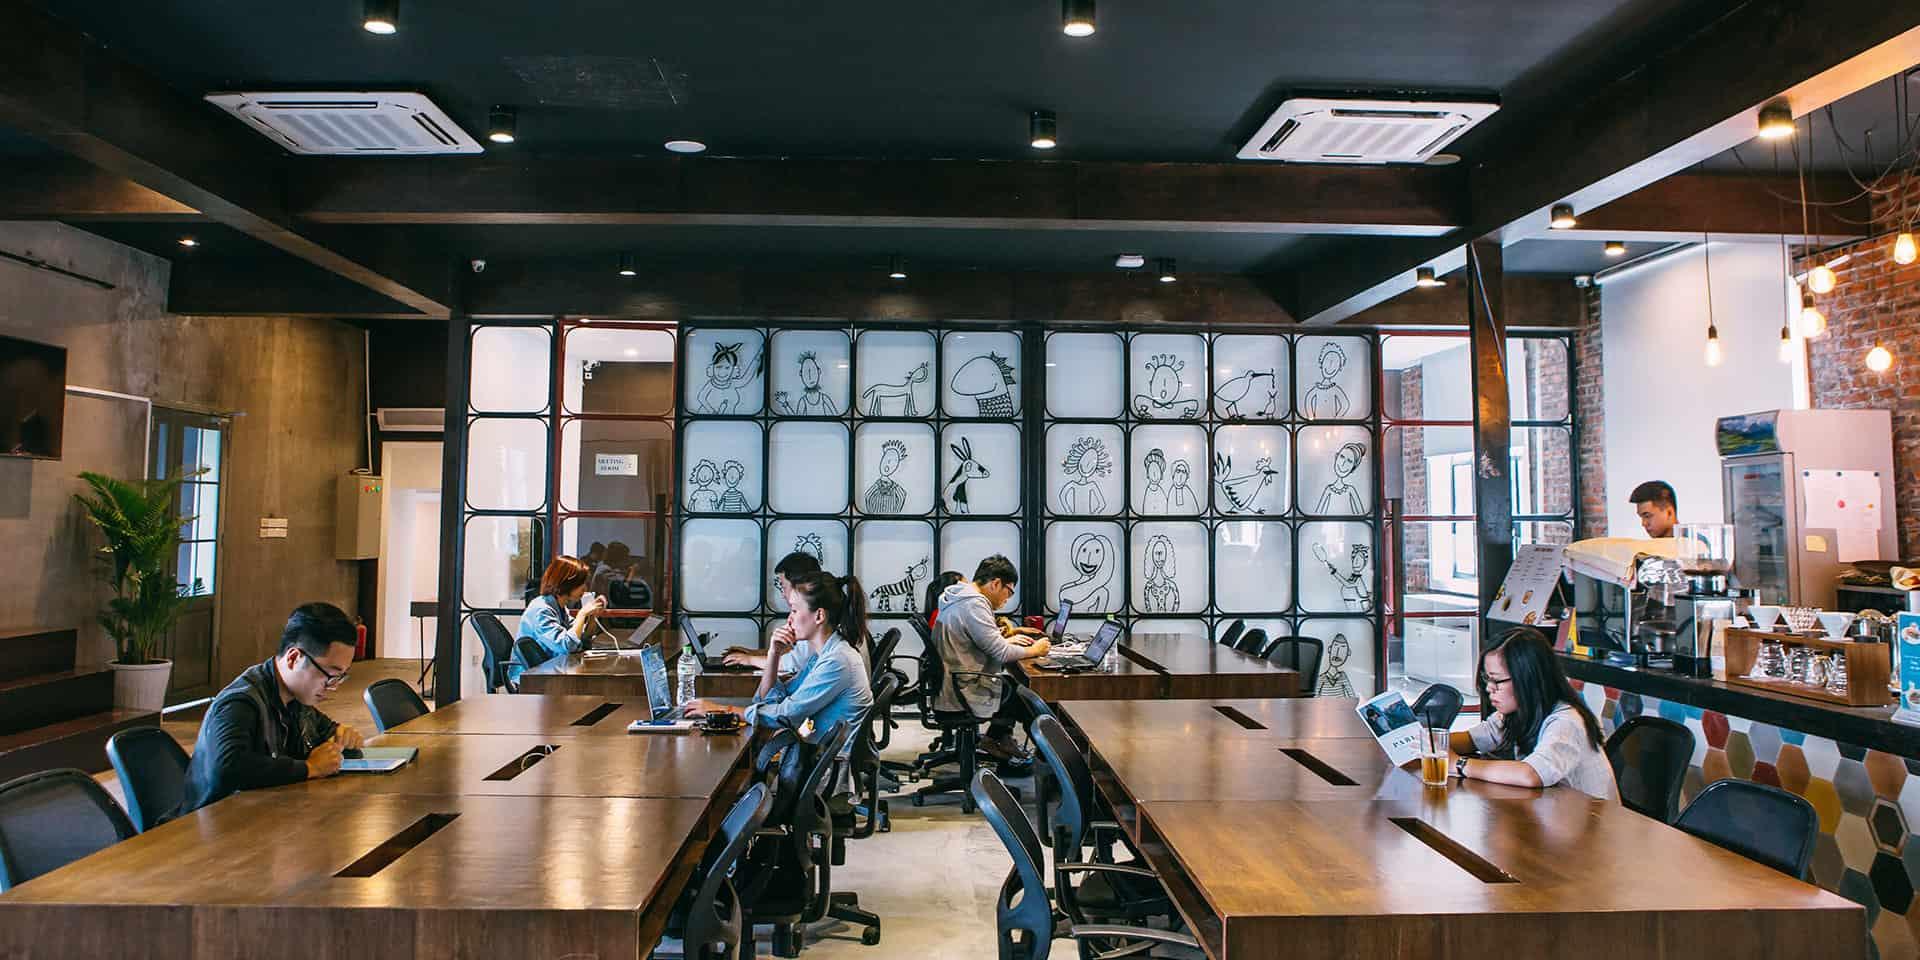 espace de coworking toong hanoi